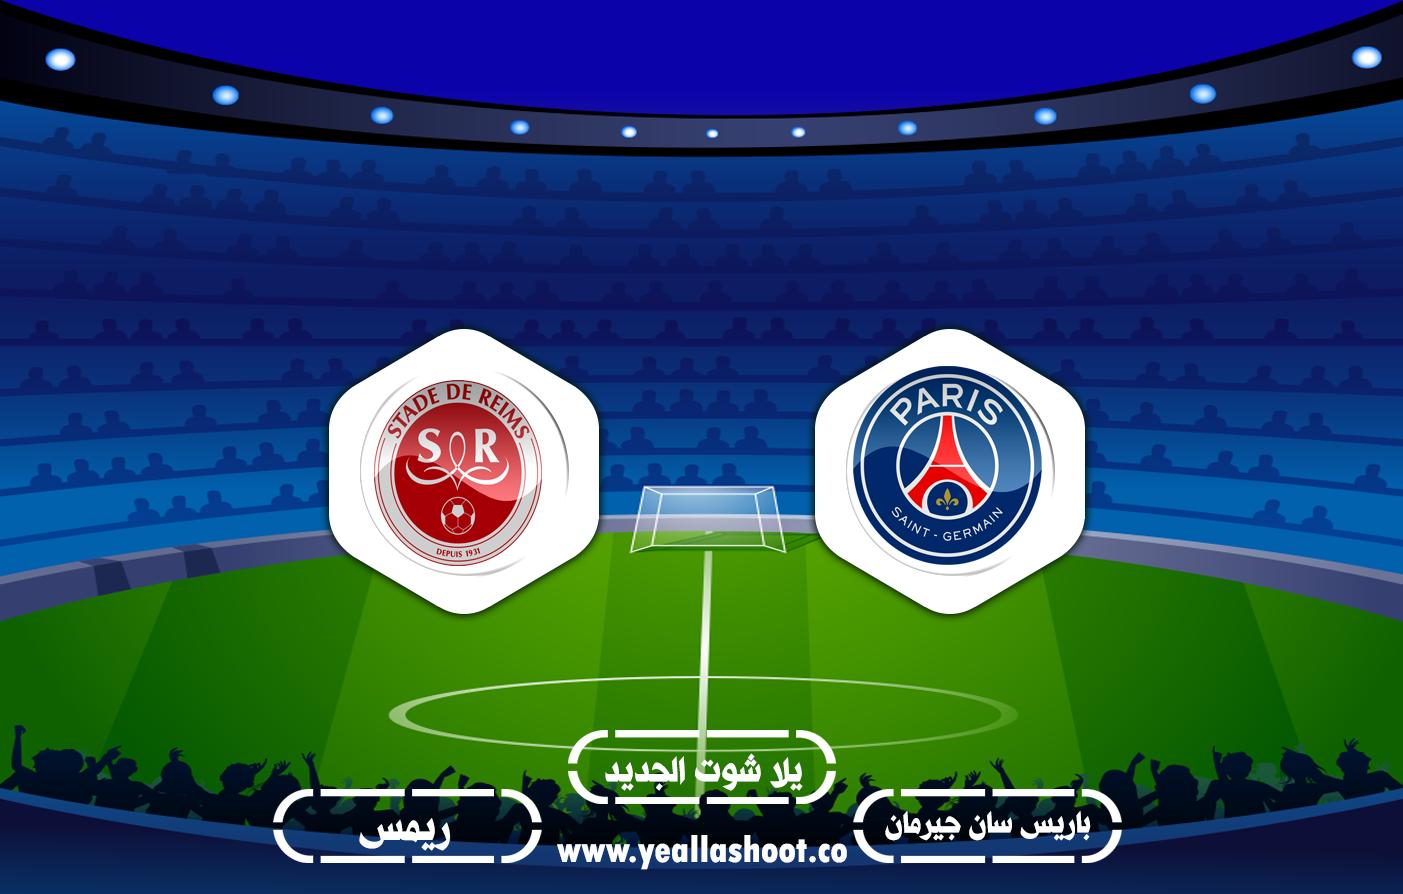 مشاهدة مباراة باريس سان جيرمان وريمس بث مباشر اليوم بتاريخ 27-09-2020 في الدوري الفرنسي